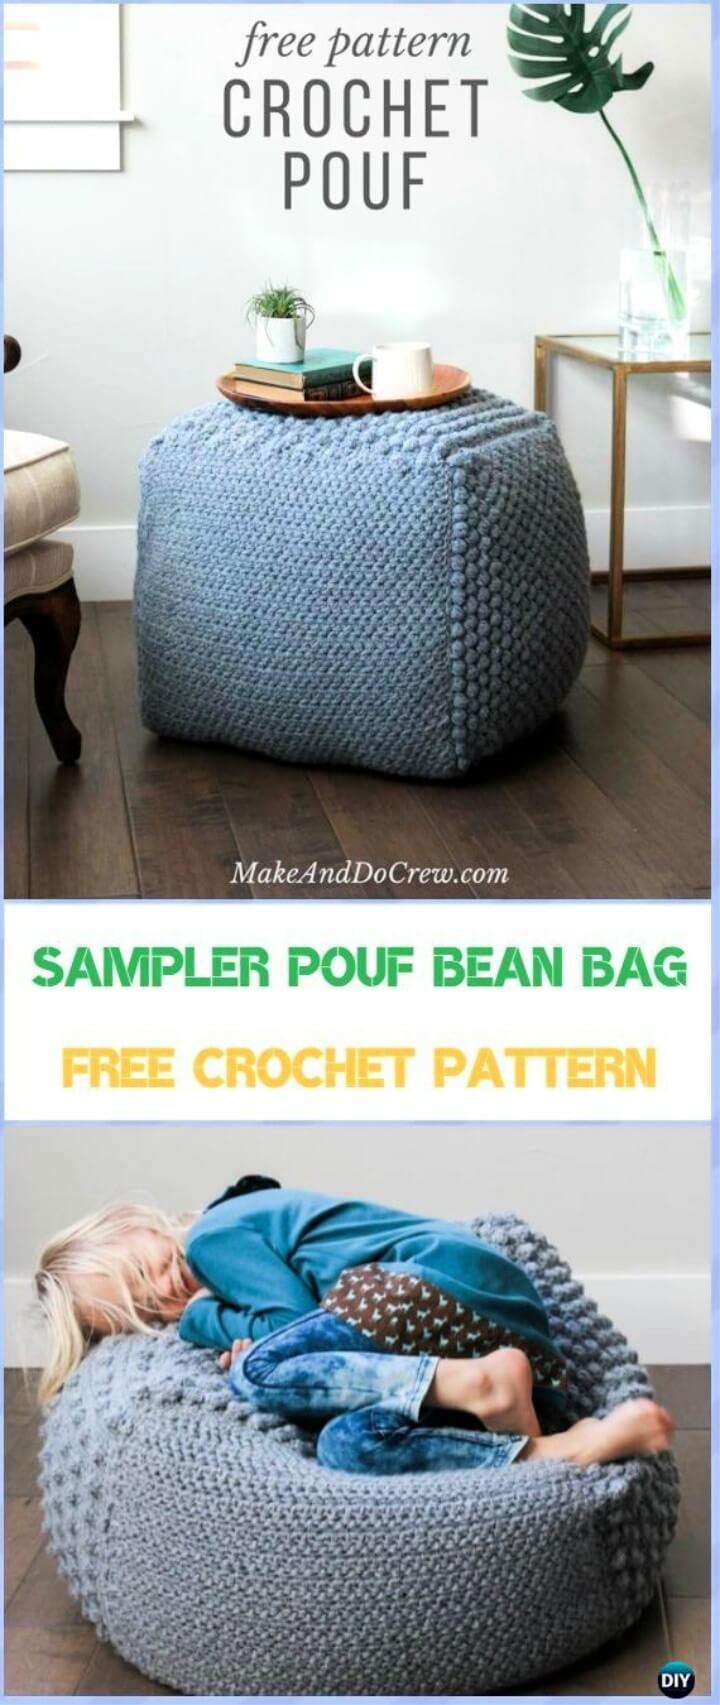 The Sampler pouf Bean Bag